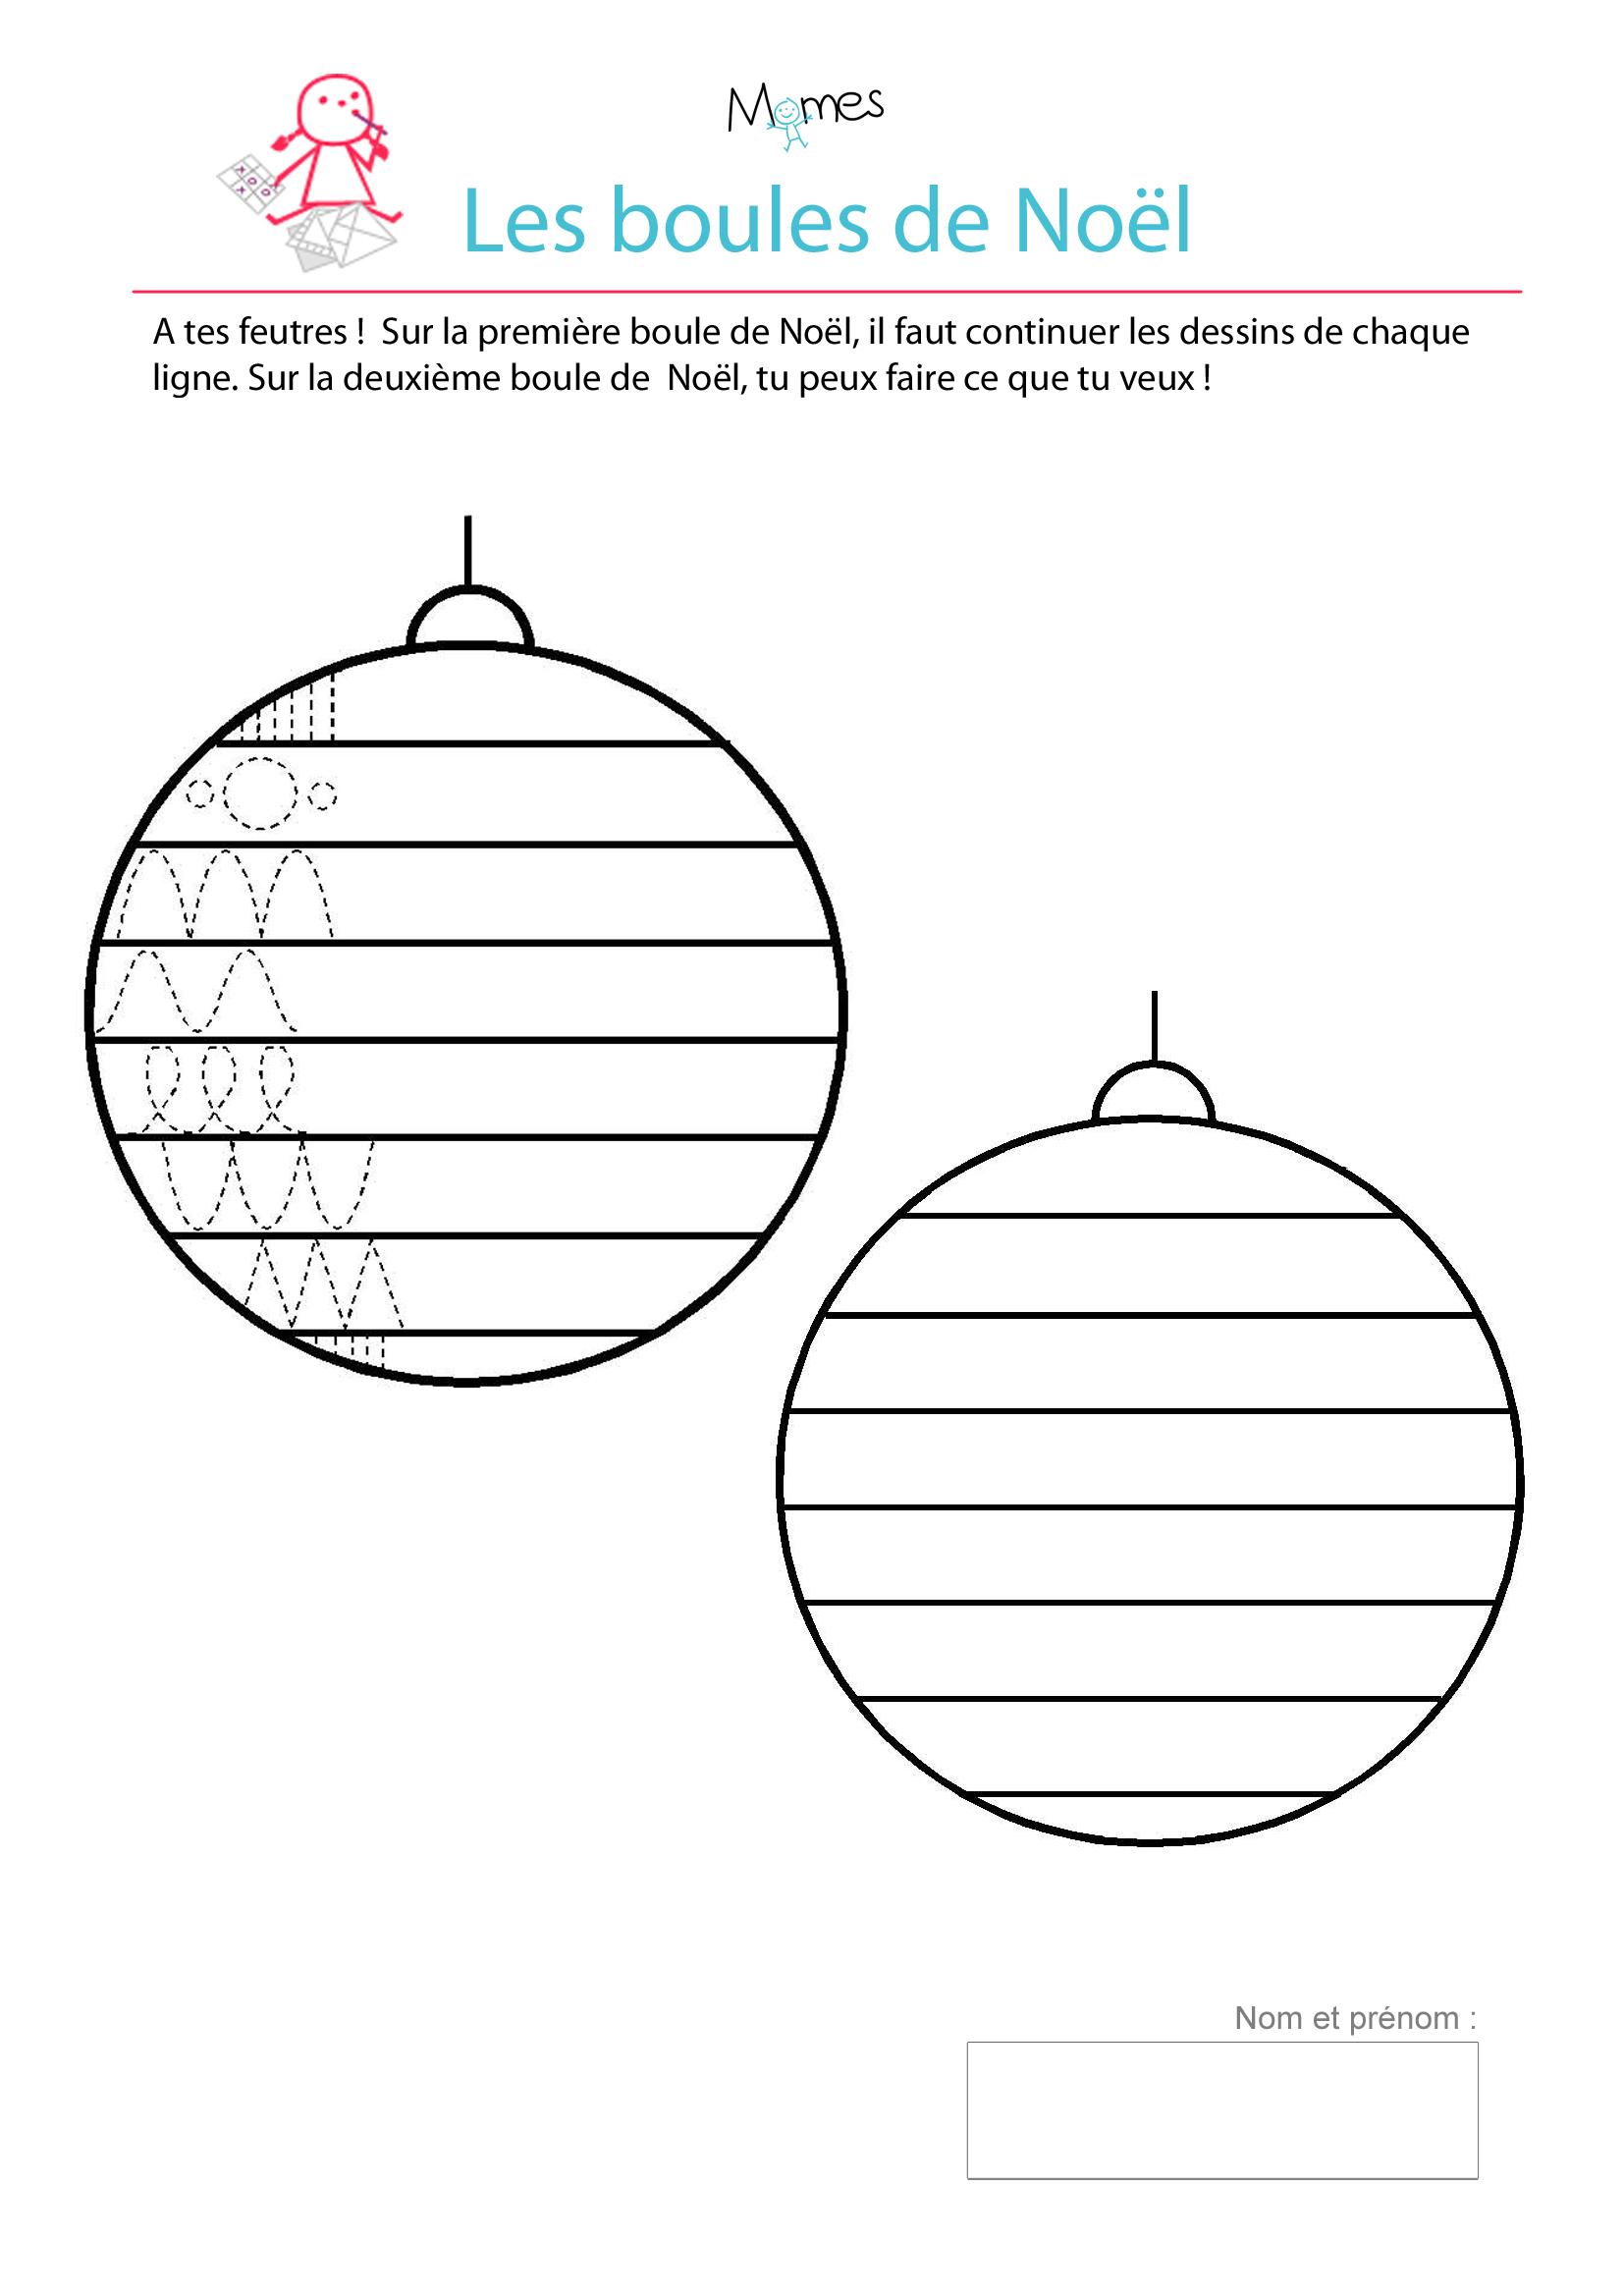 Décore Les Boules De Noël - Exercice De Tracé - Momes concernant Exercices Maternelle A Imprimer Gratuit